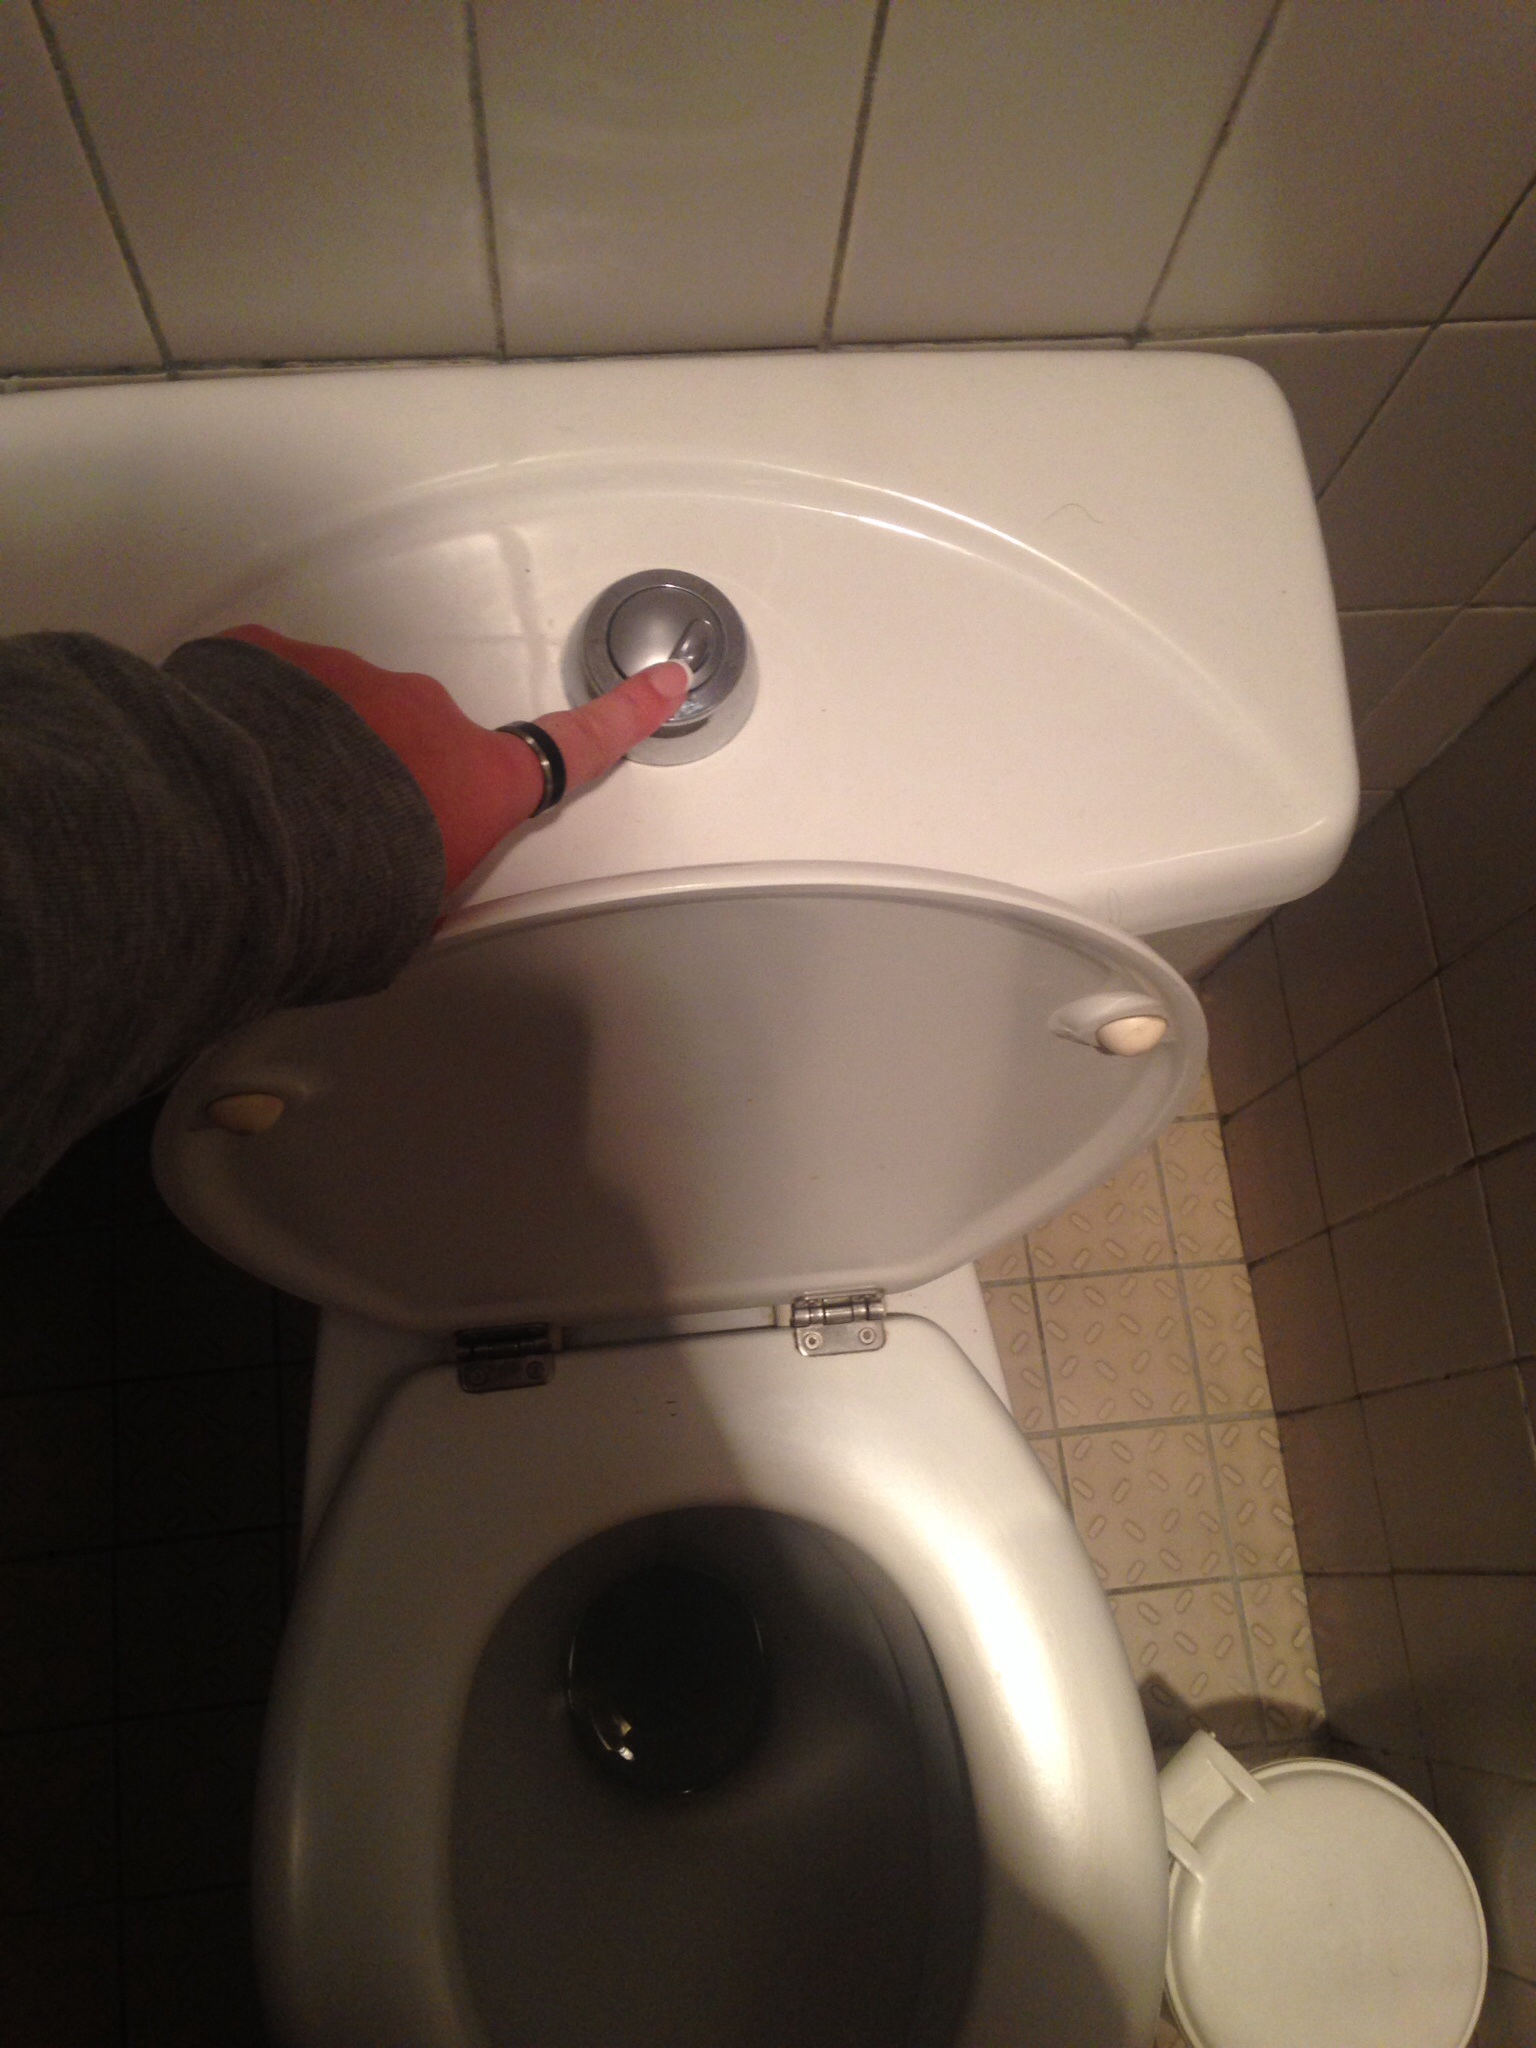 Bidet Bad les toilettes de comparative arts special